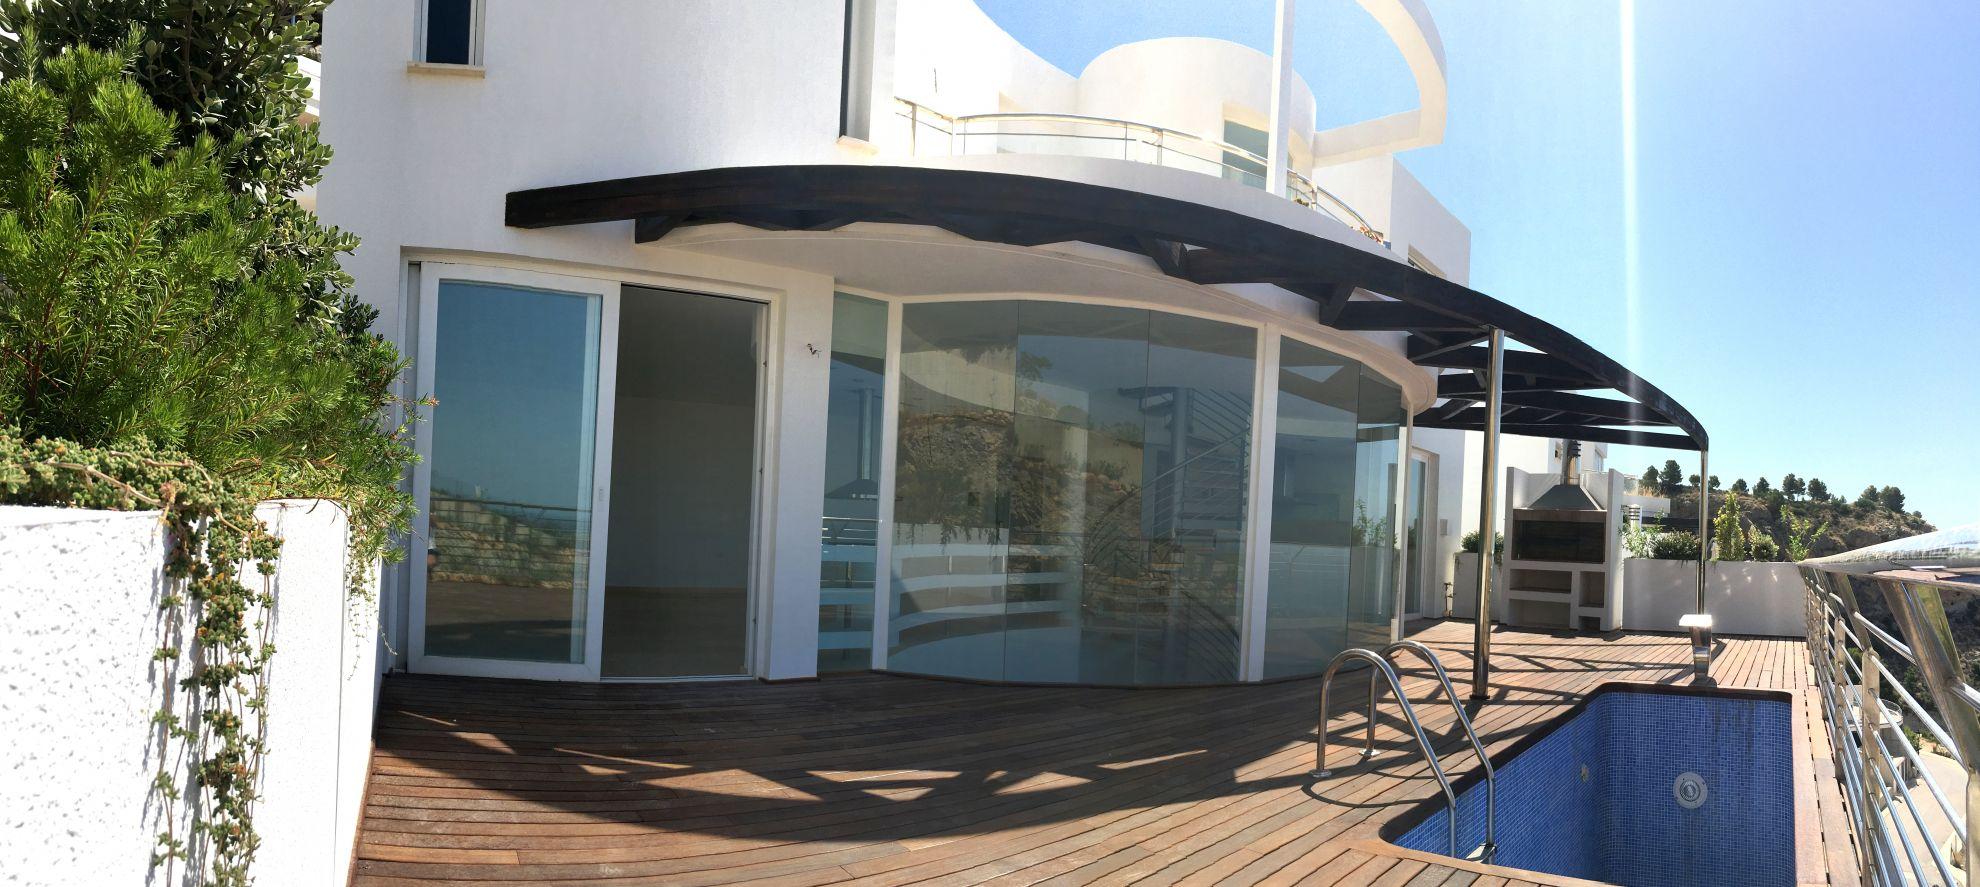 Villas with incredible views to the Mediterranean Sea in Altea 12